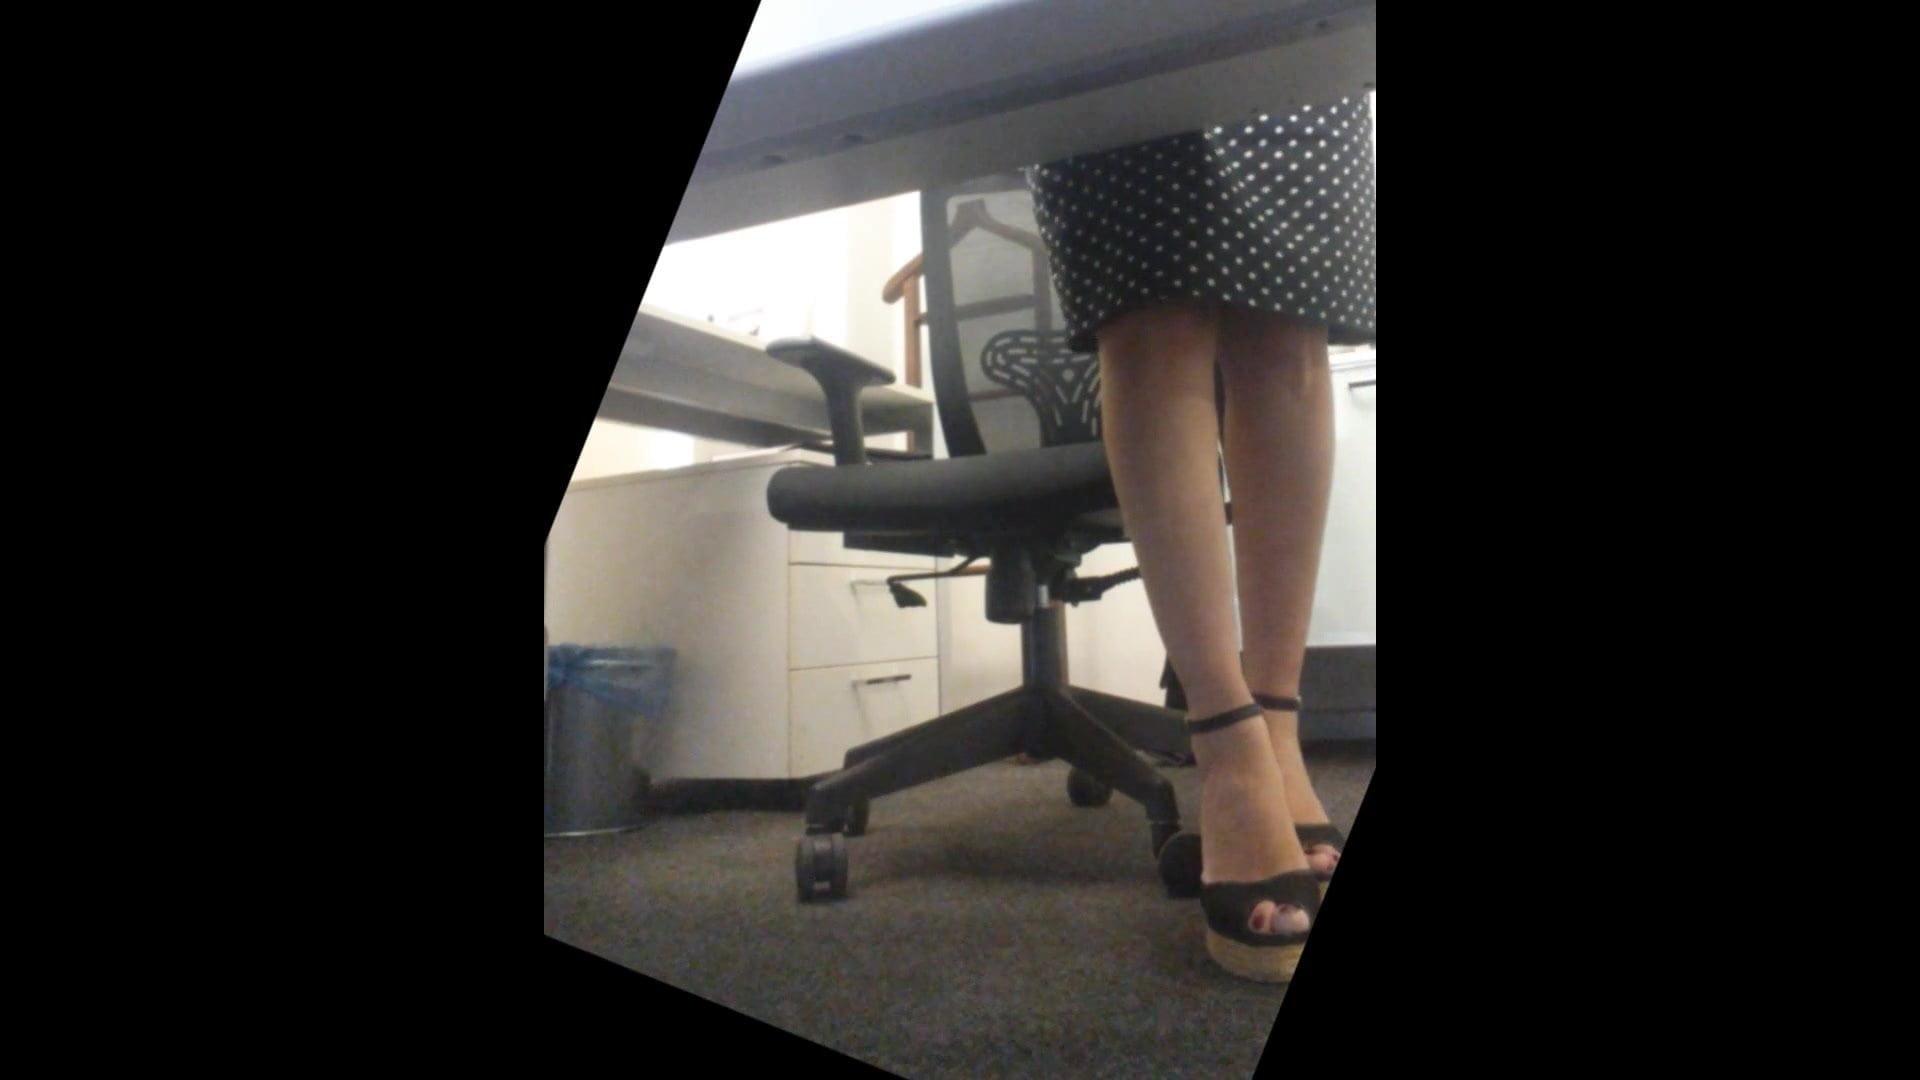 на под мастурбирует скрытую столом камеру